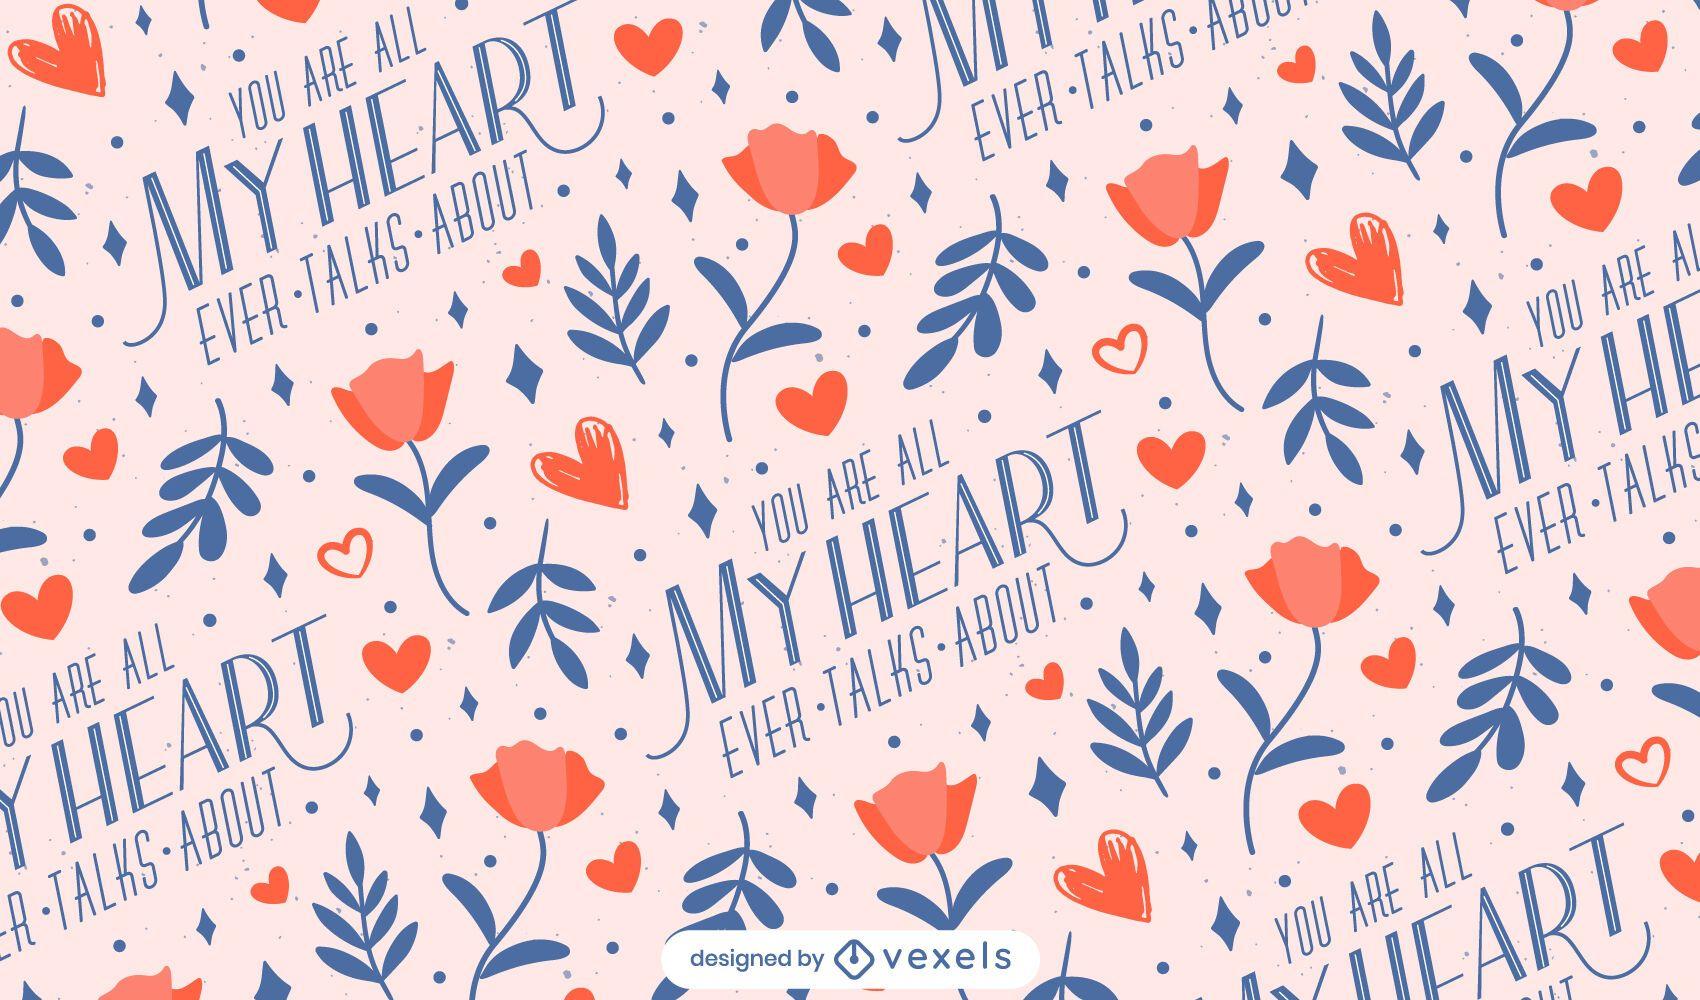 My heart valentine's day pattern design